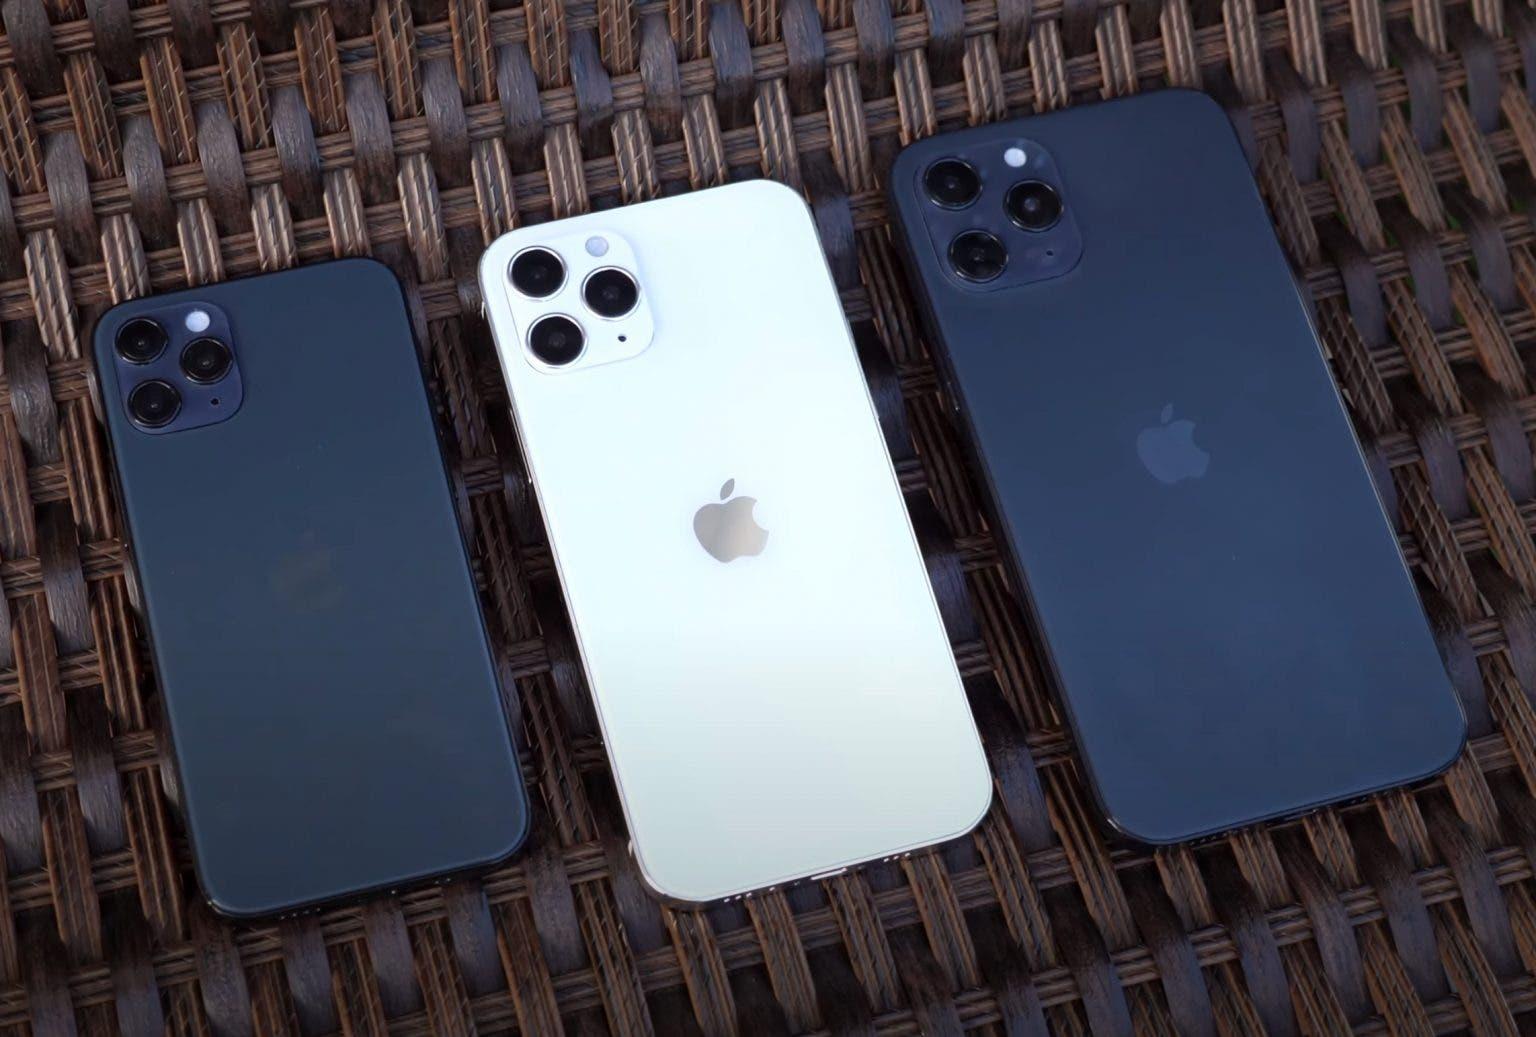 La parte trasera de los nuevos iPhone